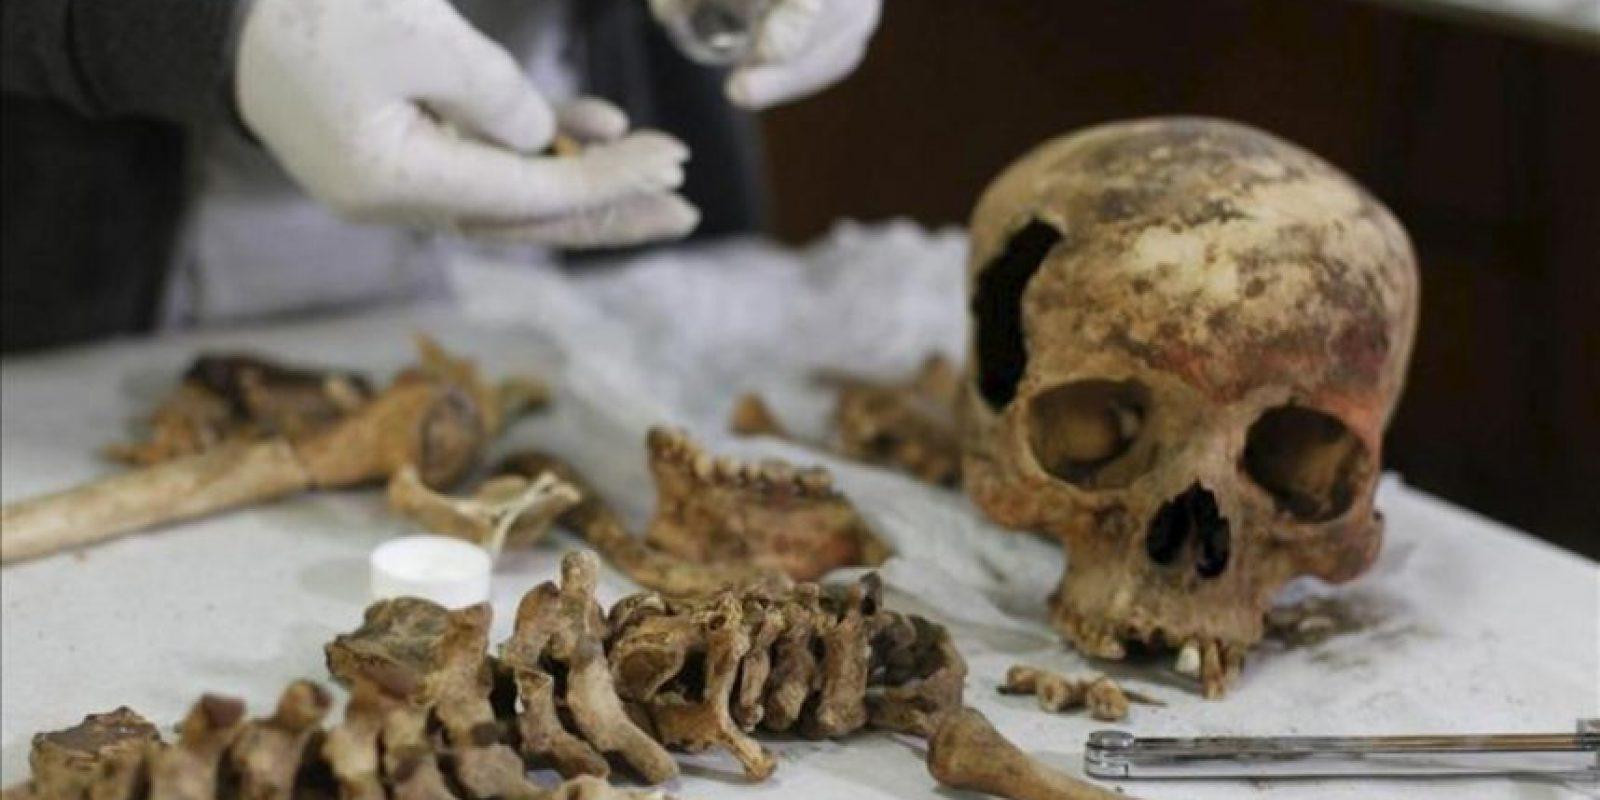 Un arqueólogo muestra los restos óseos de quien sería una sacerdotisa hallados en un mausoleo preinca de 1.200 años de antigüedad, en la zona denominada Castillo de Huarmey, región norteña de Áncash. EFE